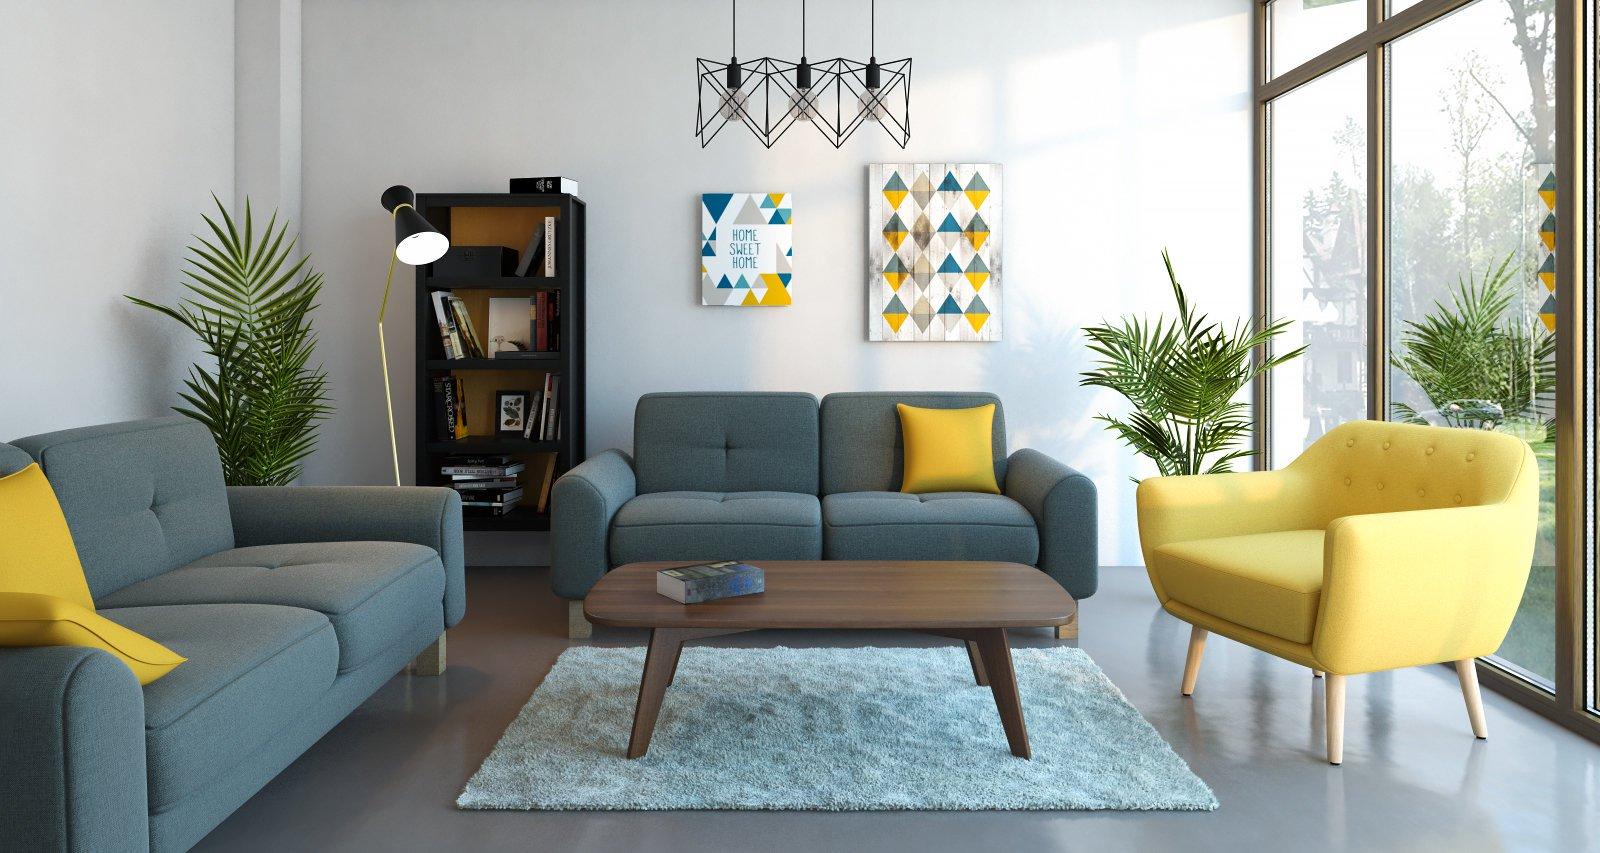 Salon scandinave jaune gris - Idées déco maison  Home decor, Home